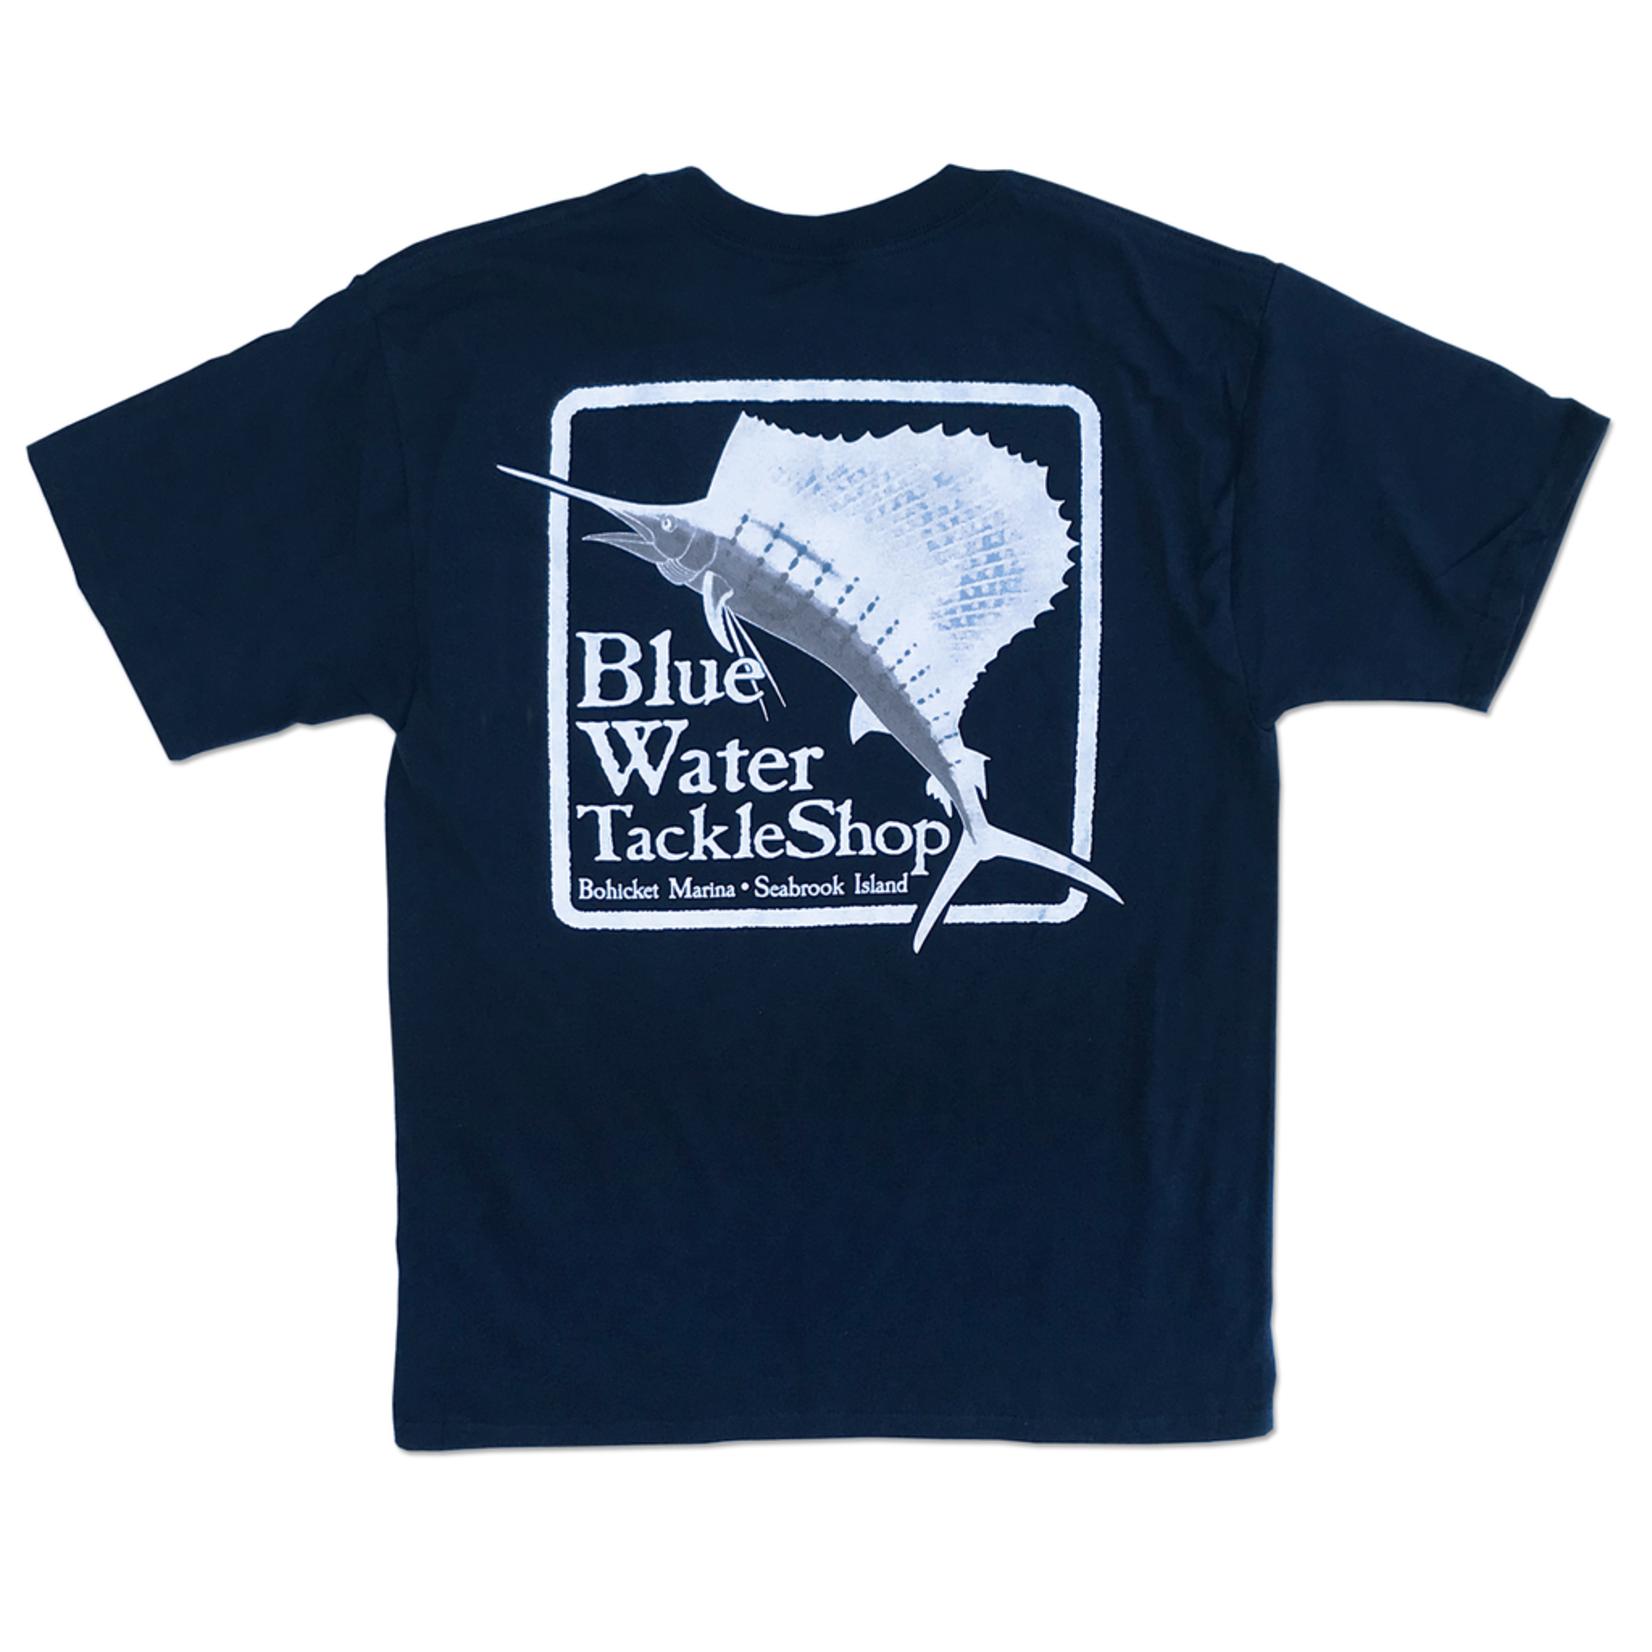 BWB Sailfish S/S Navy